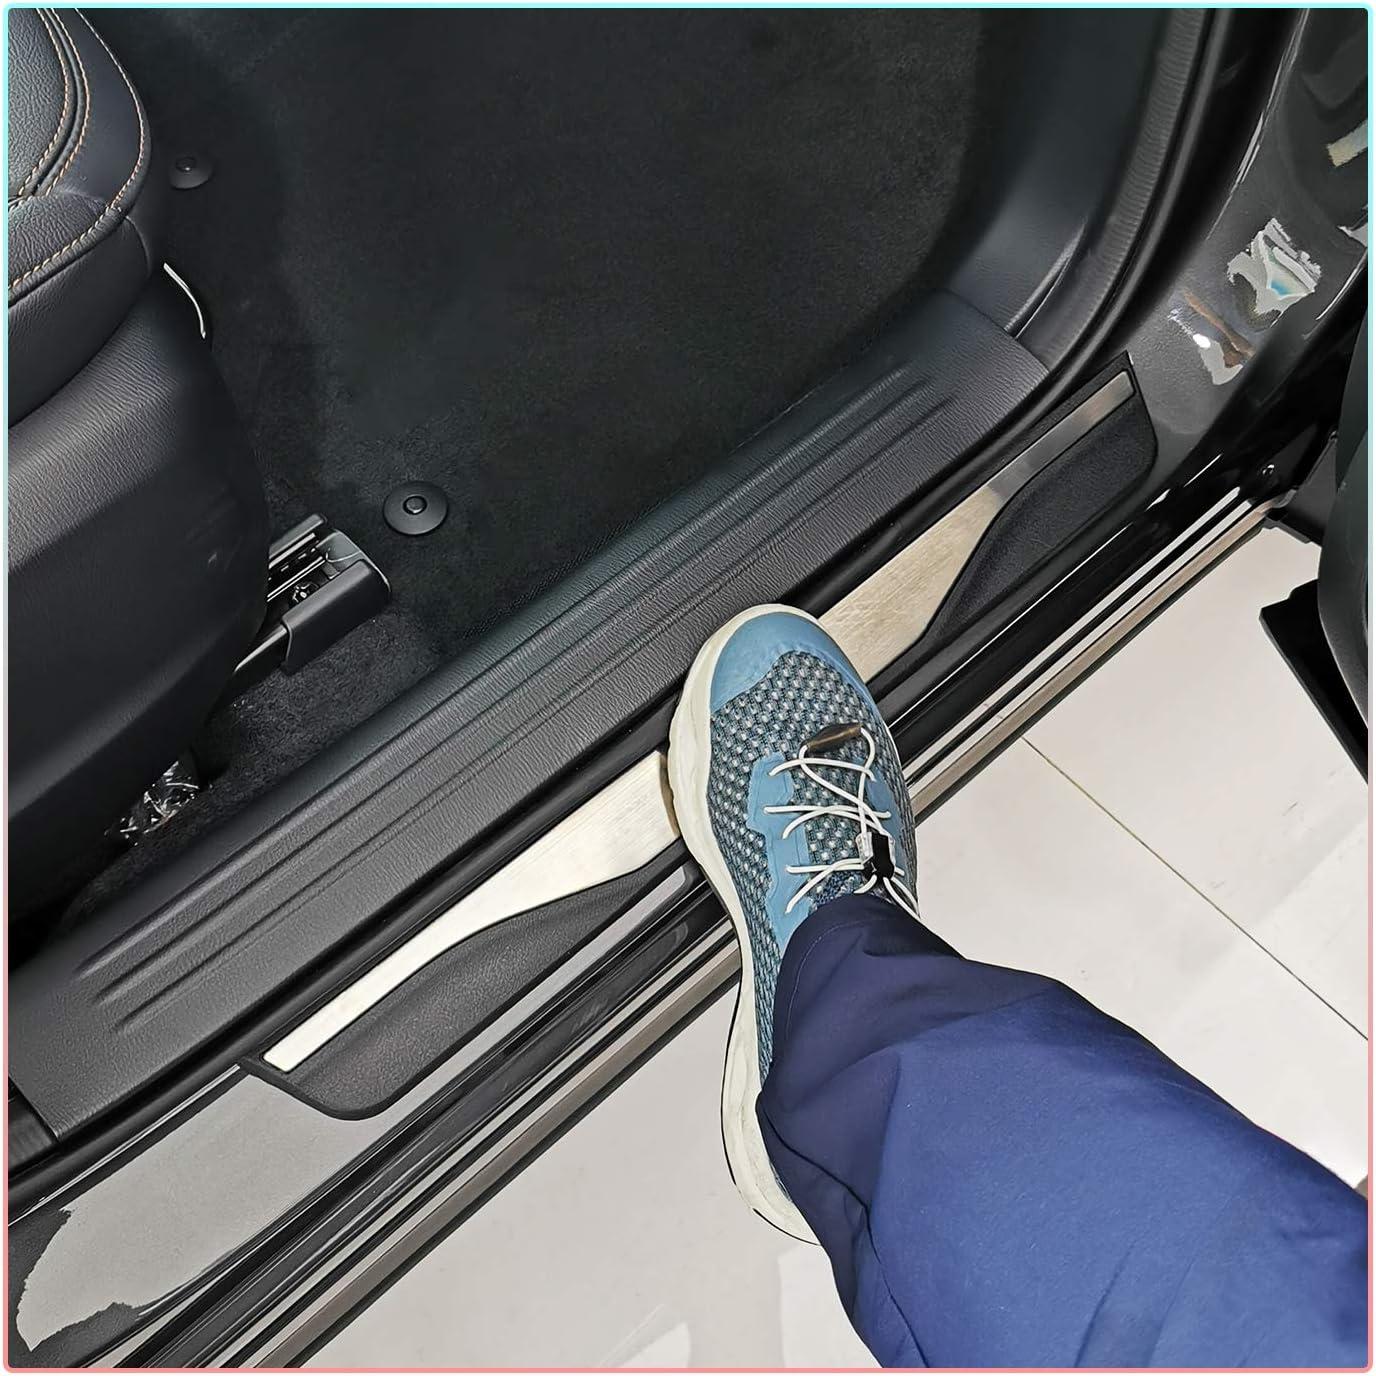 4 St/ück CDEFG f/ür Grandland X SUV Einstiegsleisten Abdeckung Interieur Ladekantenschutz Edelstahl